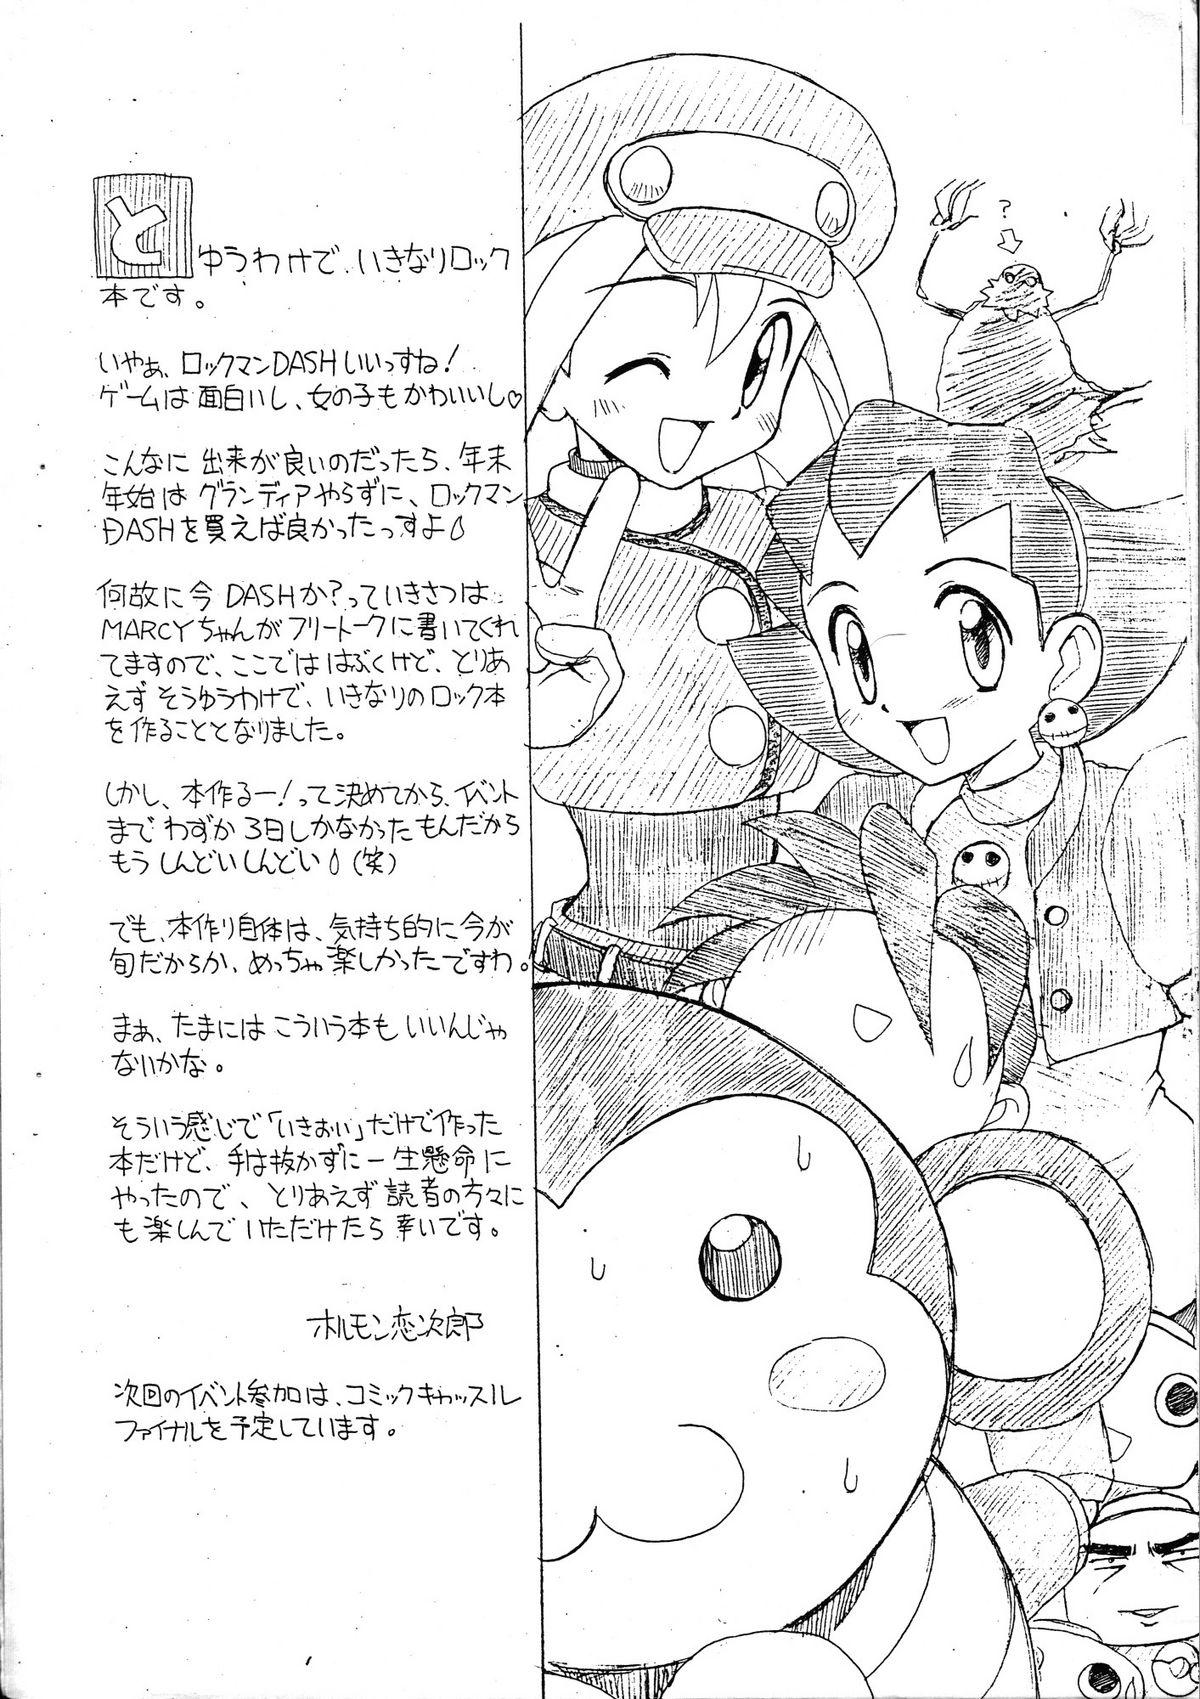 Rollchan & Tronchan Dash Otome No Koukishin 1